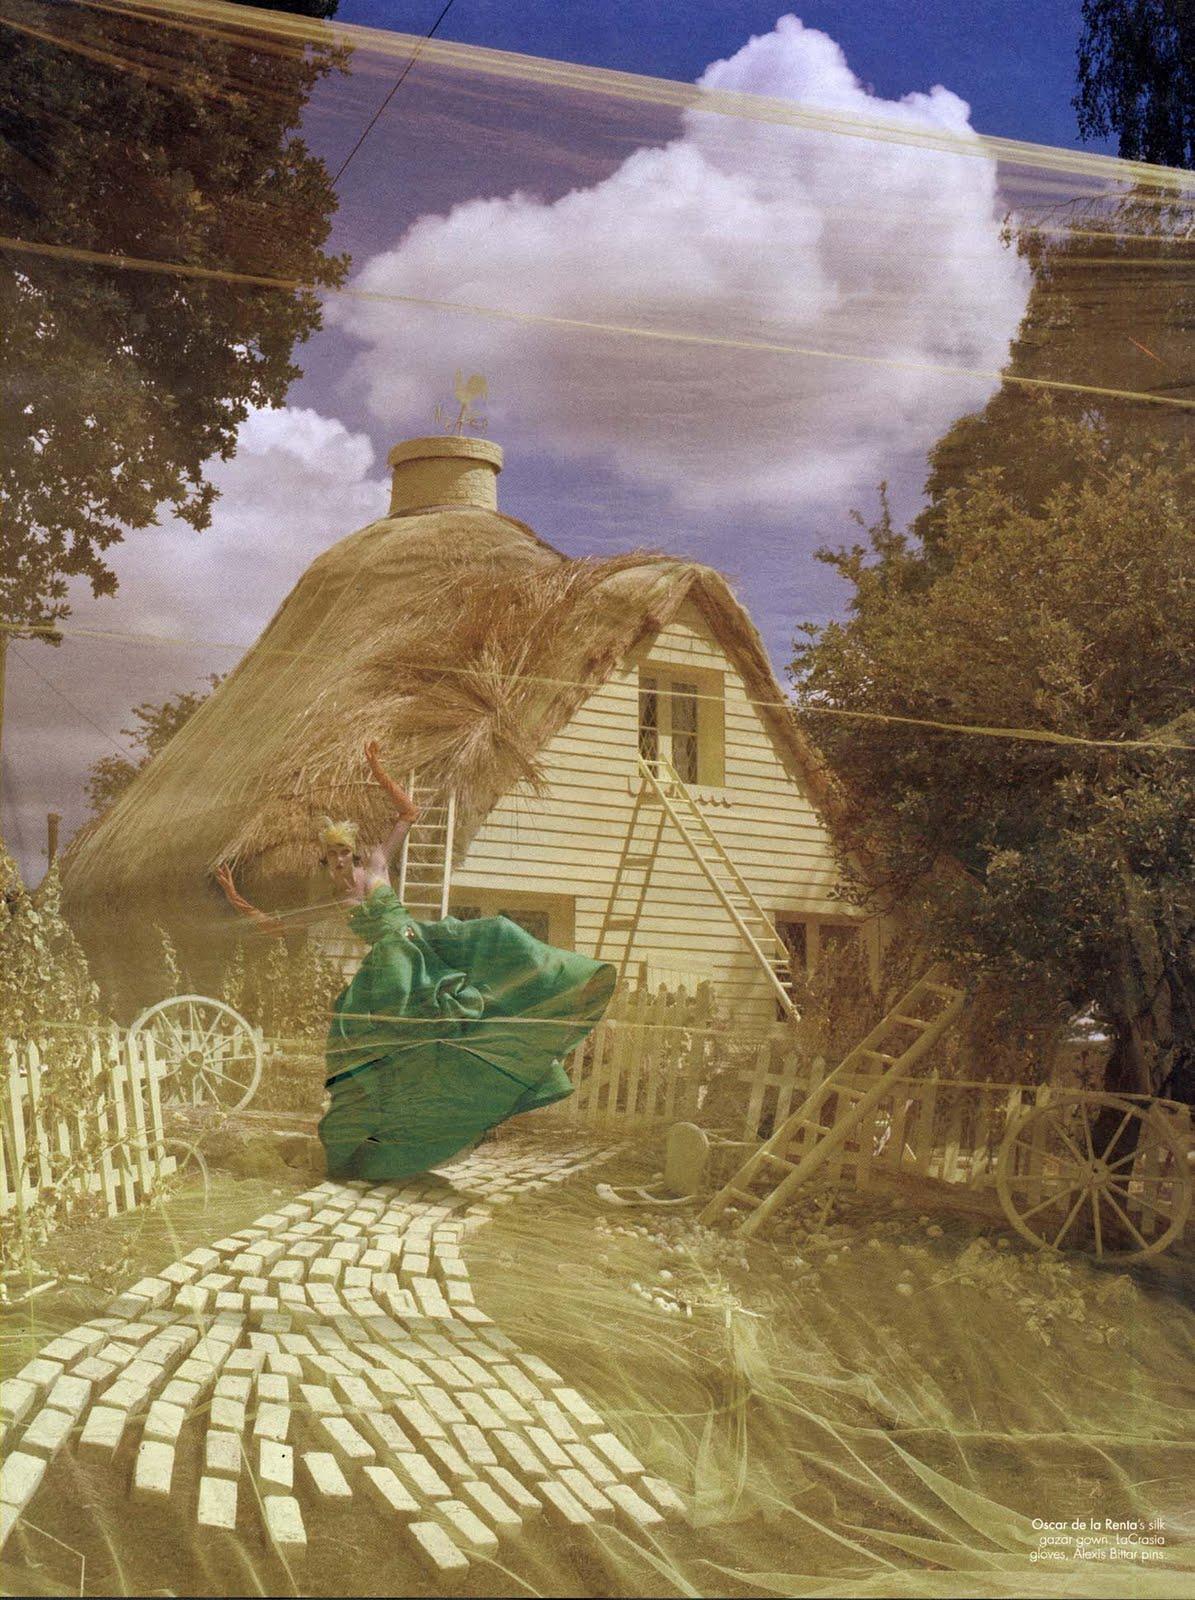 http://2.bp.blogspot.com/_ogSQjynqHEE/TJJxp8-WgSI/AAAAAAAAEMU/7qtTsZ1YlbU/s1600/Karlie2a.W.October2010.jpg